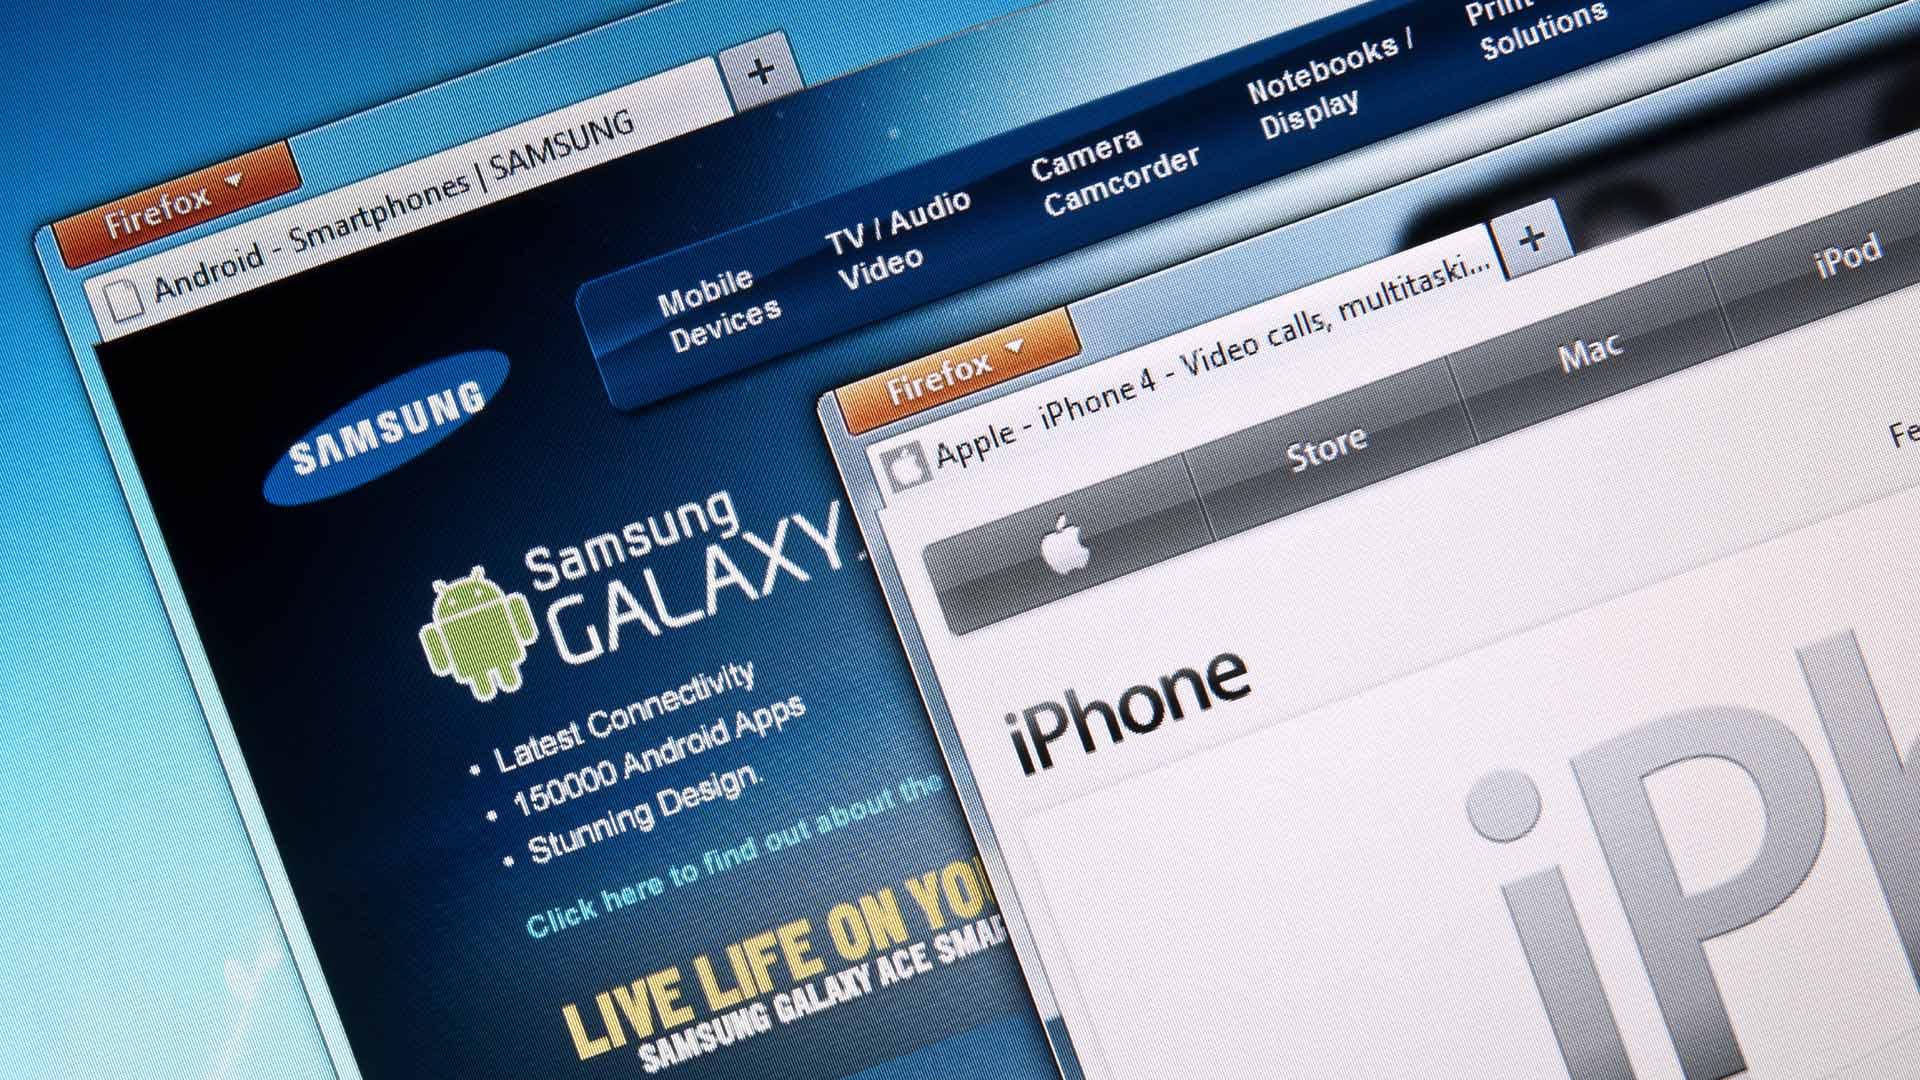 La empresa surcoreana deberá pagar 548 millones de dólares a la compañía de Steve Jobs por infringir sus patentes